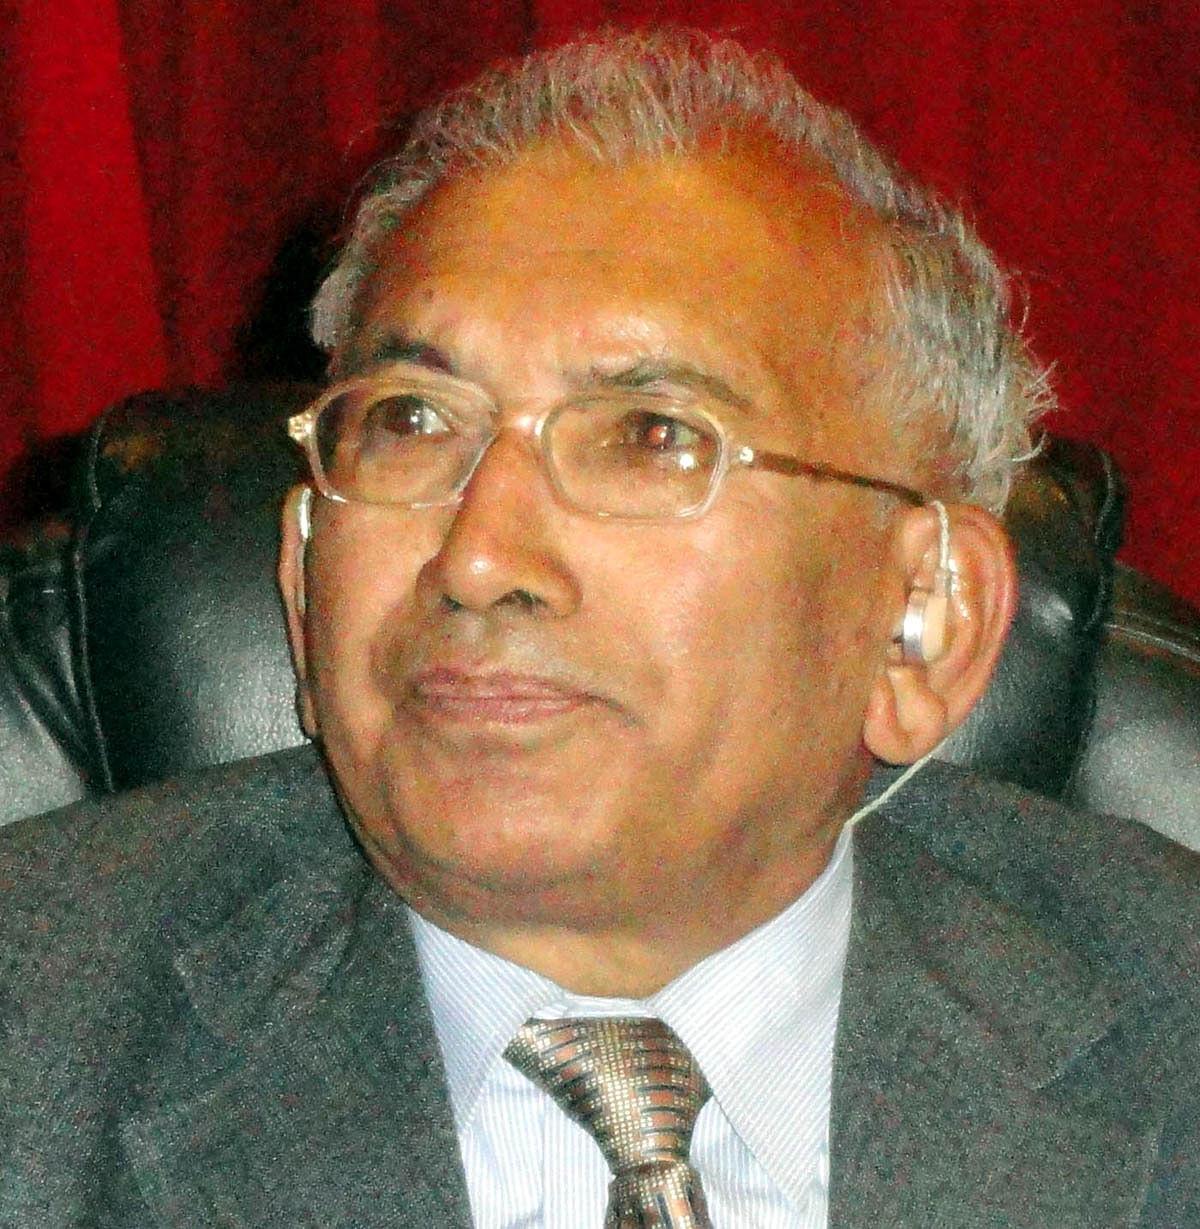 देश के प्रख्यात भूगर्भ शास्त्री पद्मभूषण प्रो. खड्ग सिंह वल्दिया का निधन